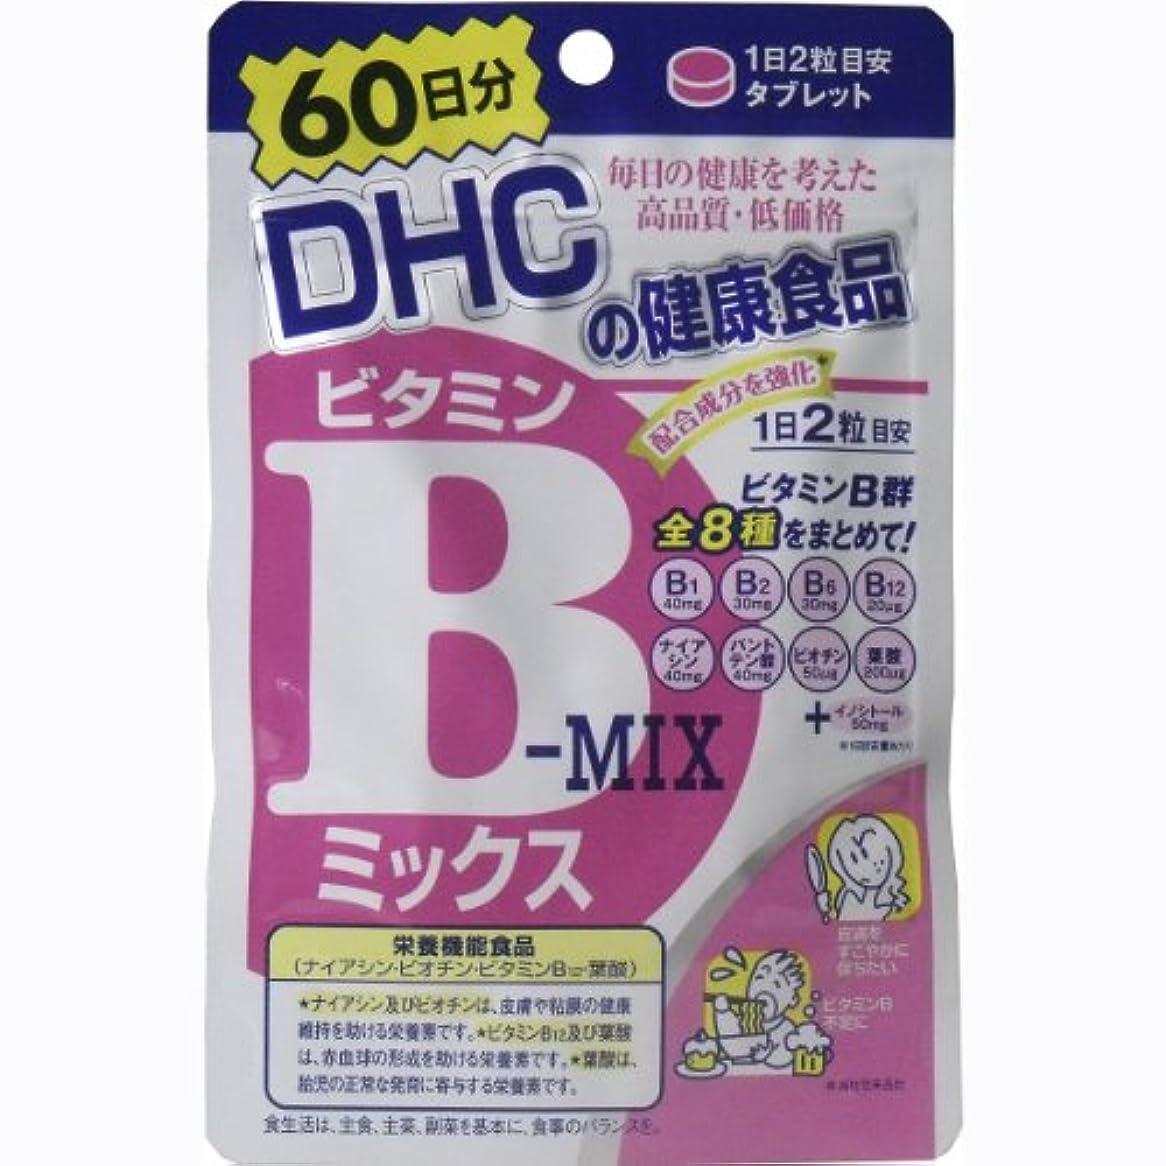 放棄ひいきにする構成員DHC ビタミンBミックス 120粒 60日分 ×8個セット